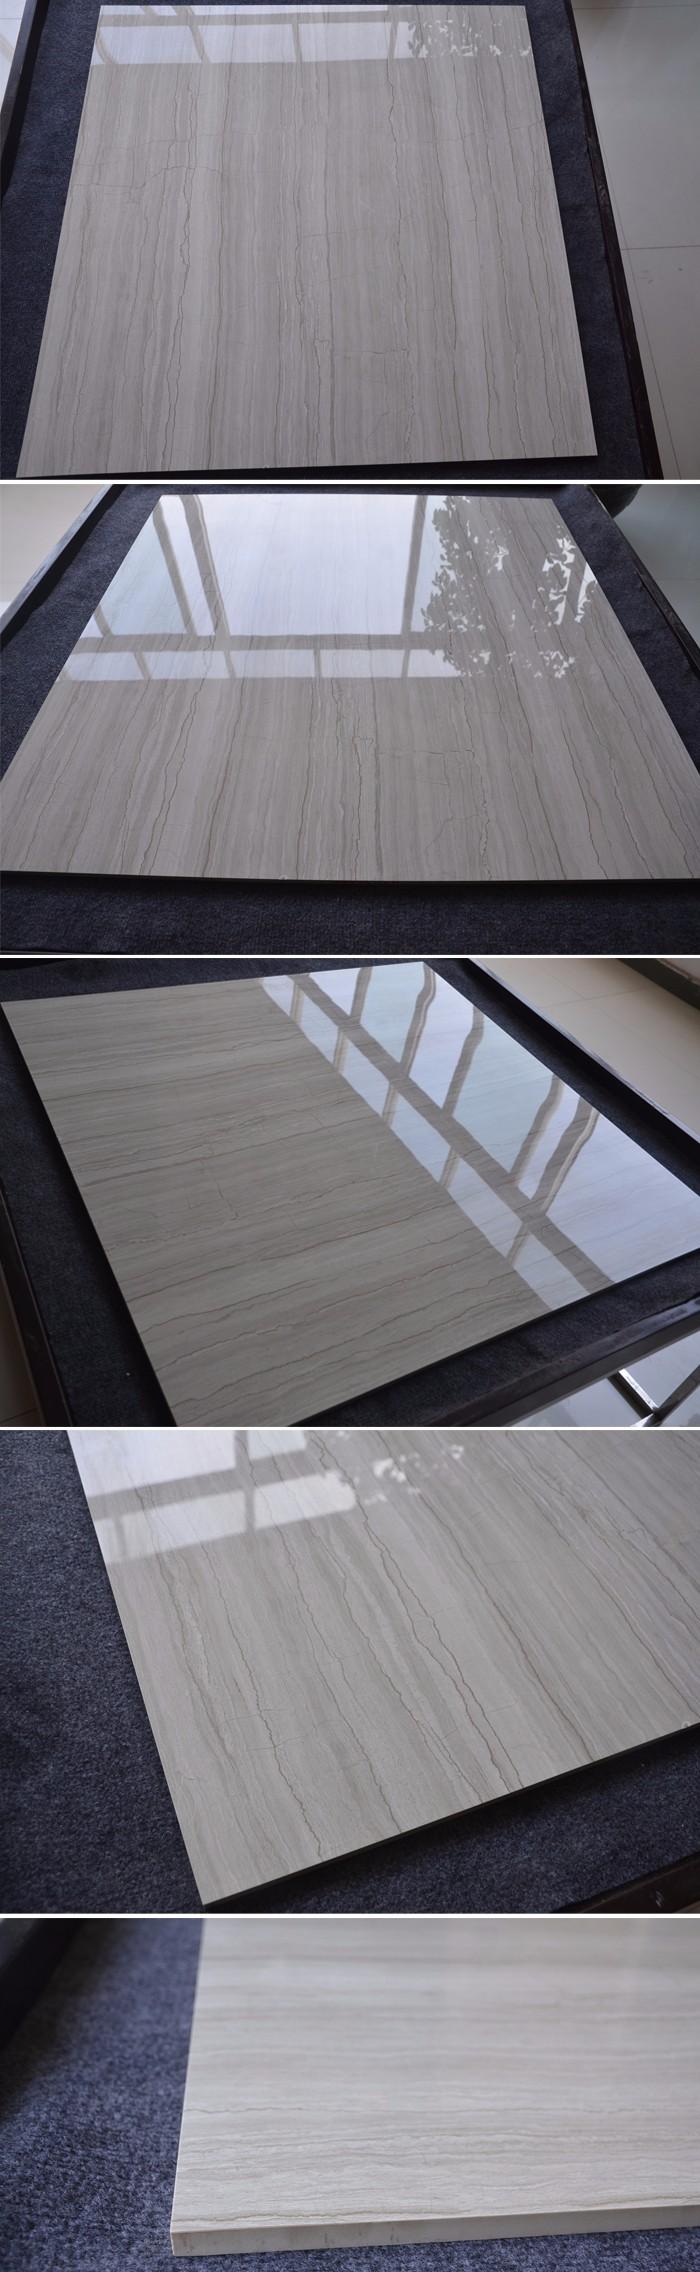 Hyh806gn foshan high quality floor tile johnson floor tiles india hyh806gn foshan high quality floor tile johnson floor tiles india dailygadgetfo Images